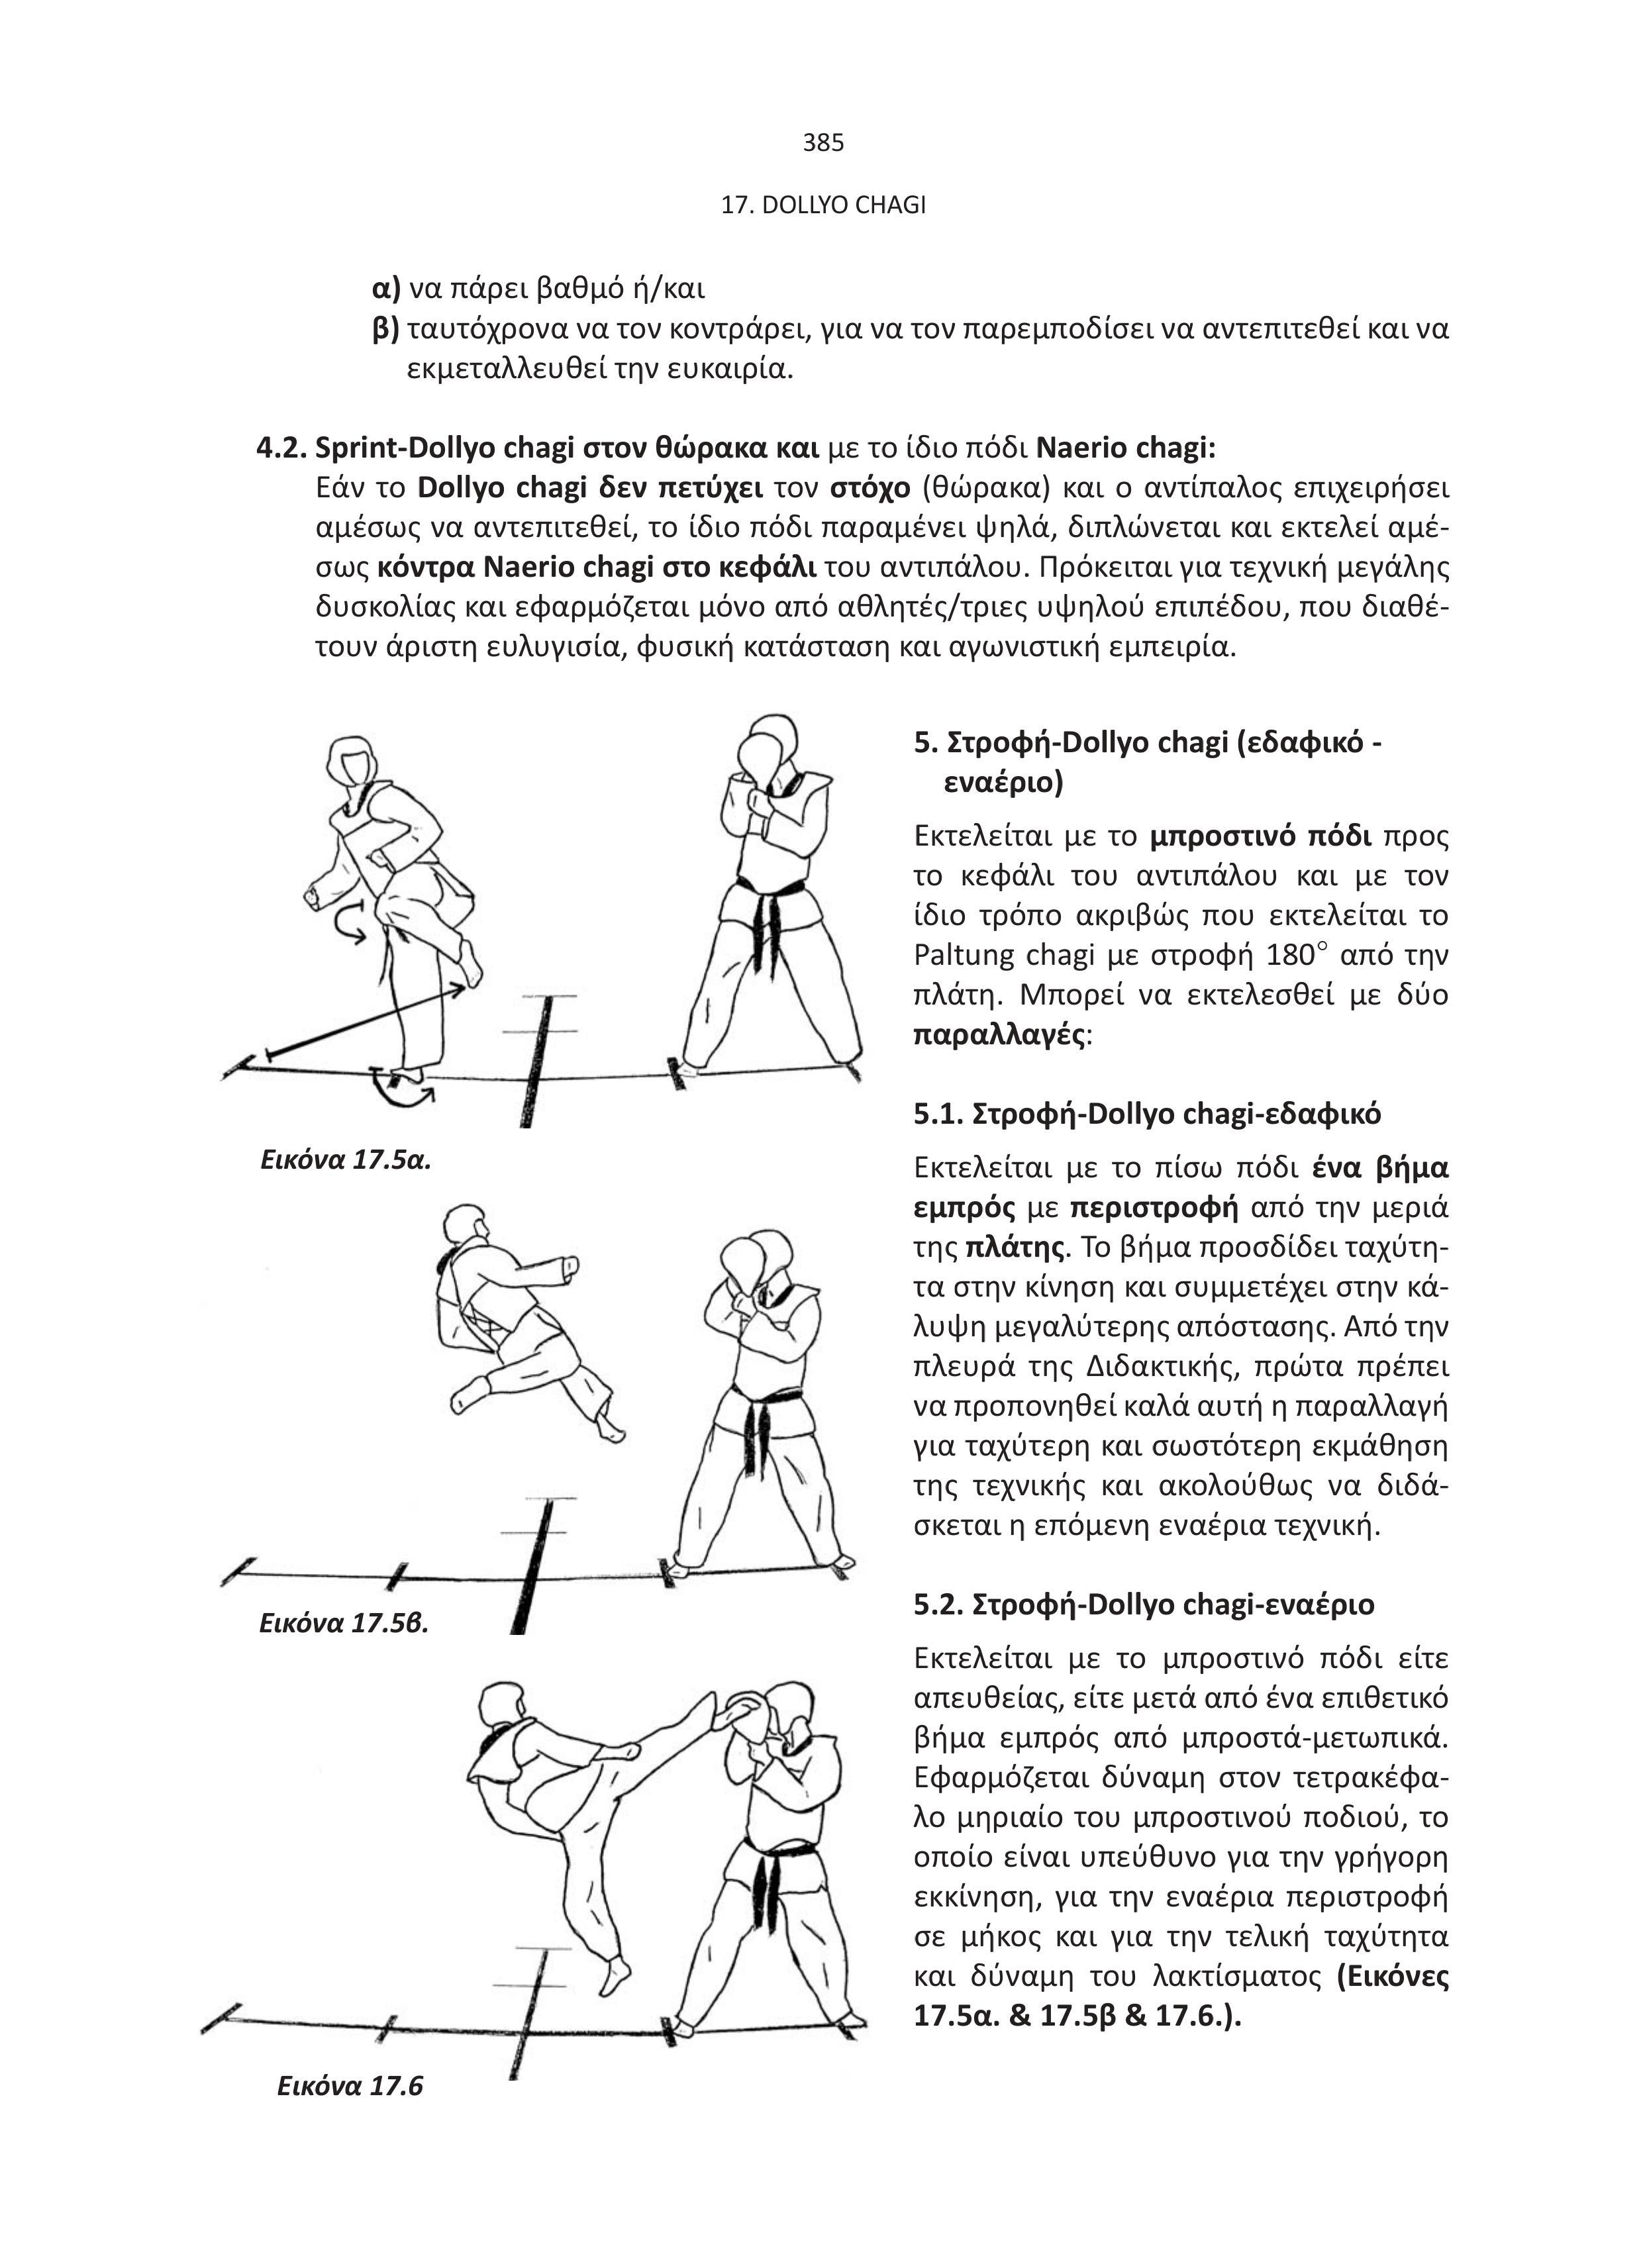 selida-vivlio-taekwondo-olympiako-athlima